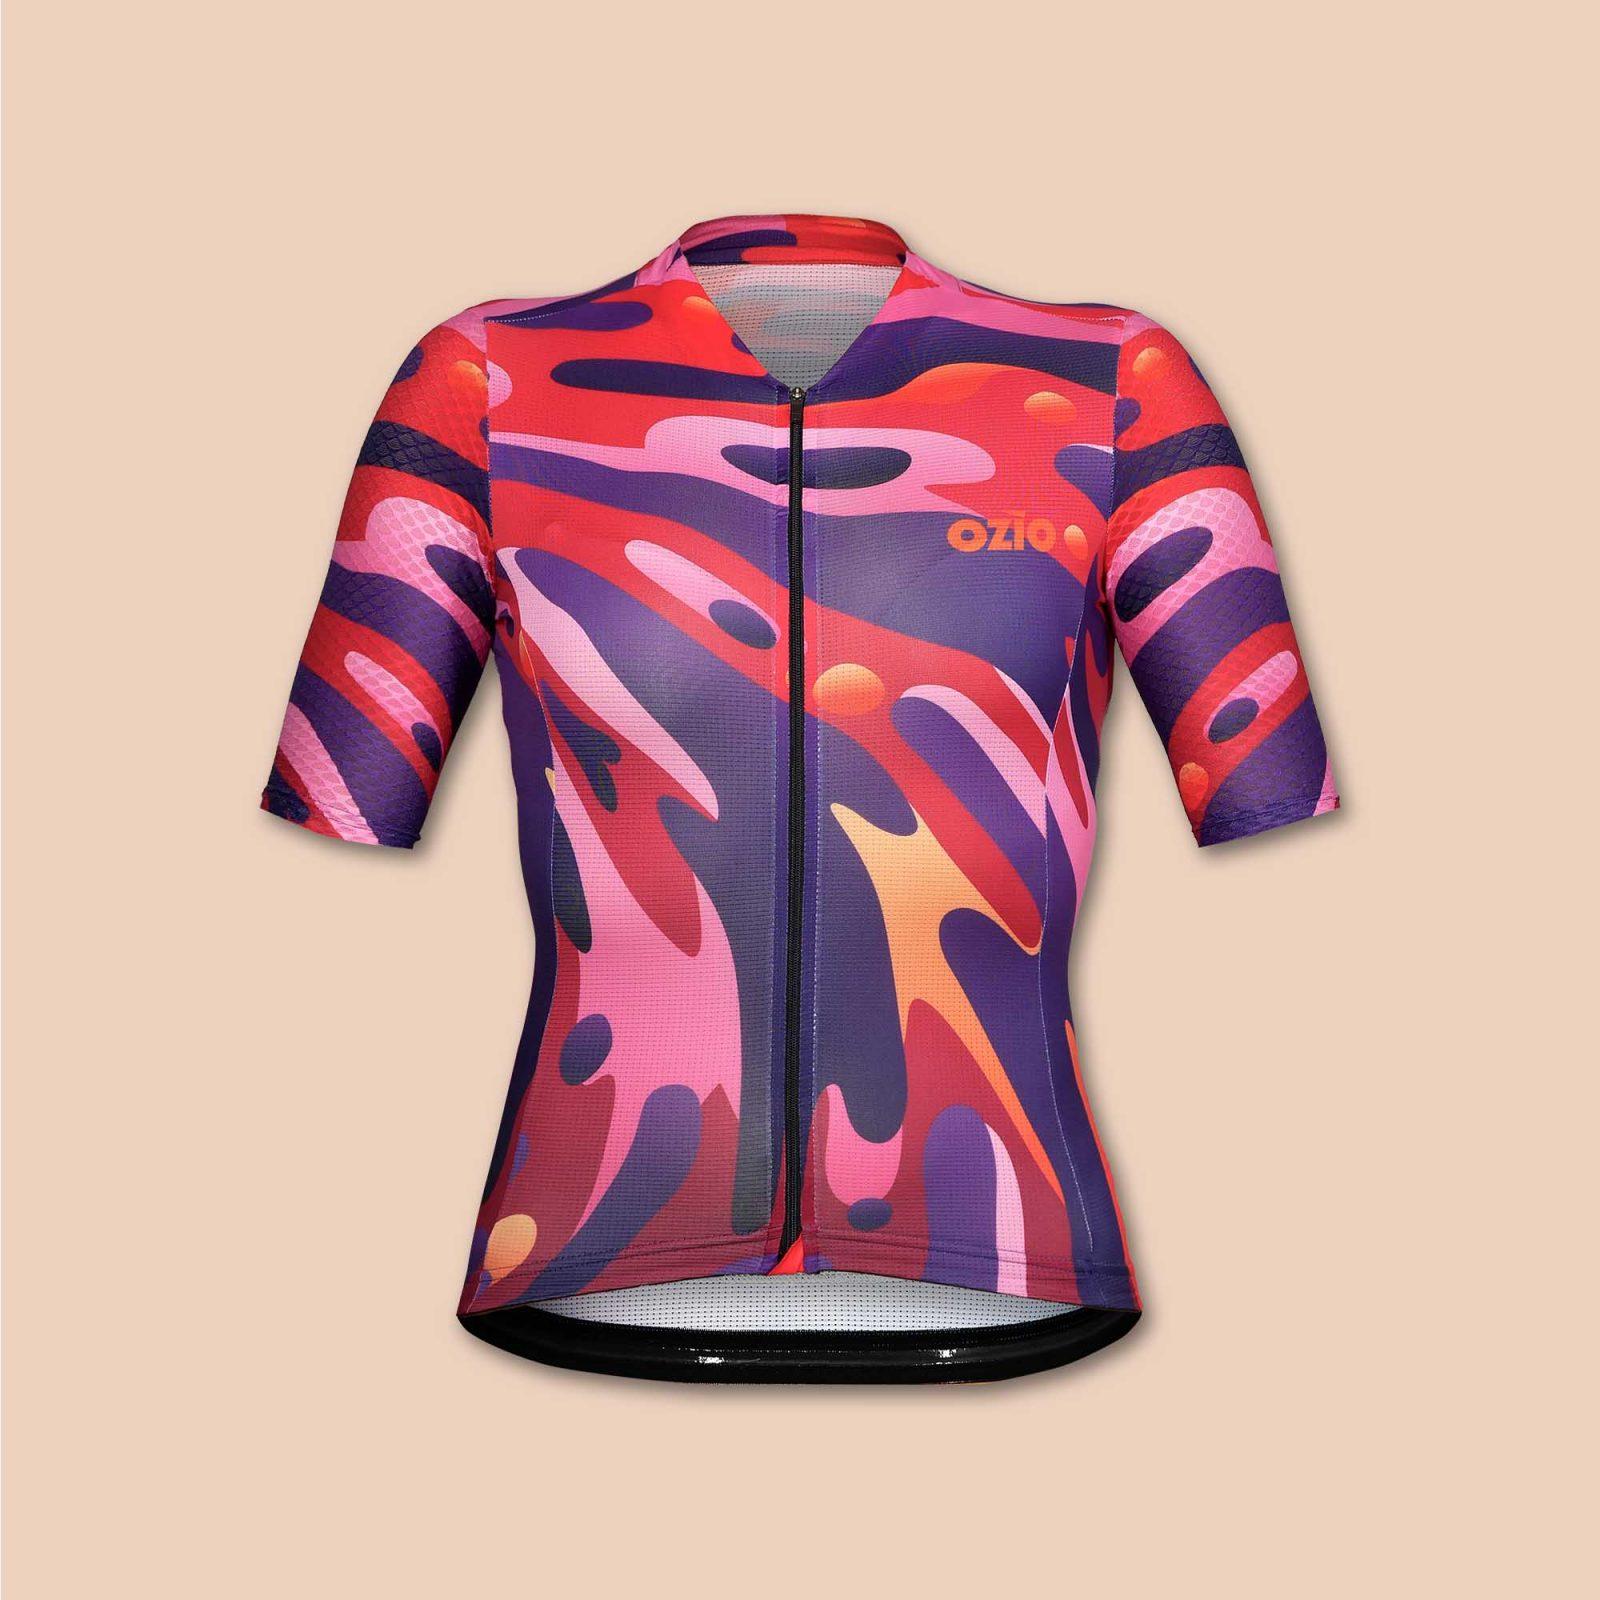 Maillot cycliste été femme coloré OZIO